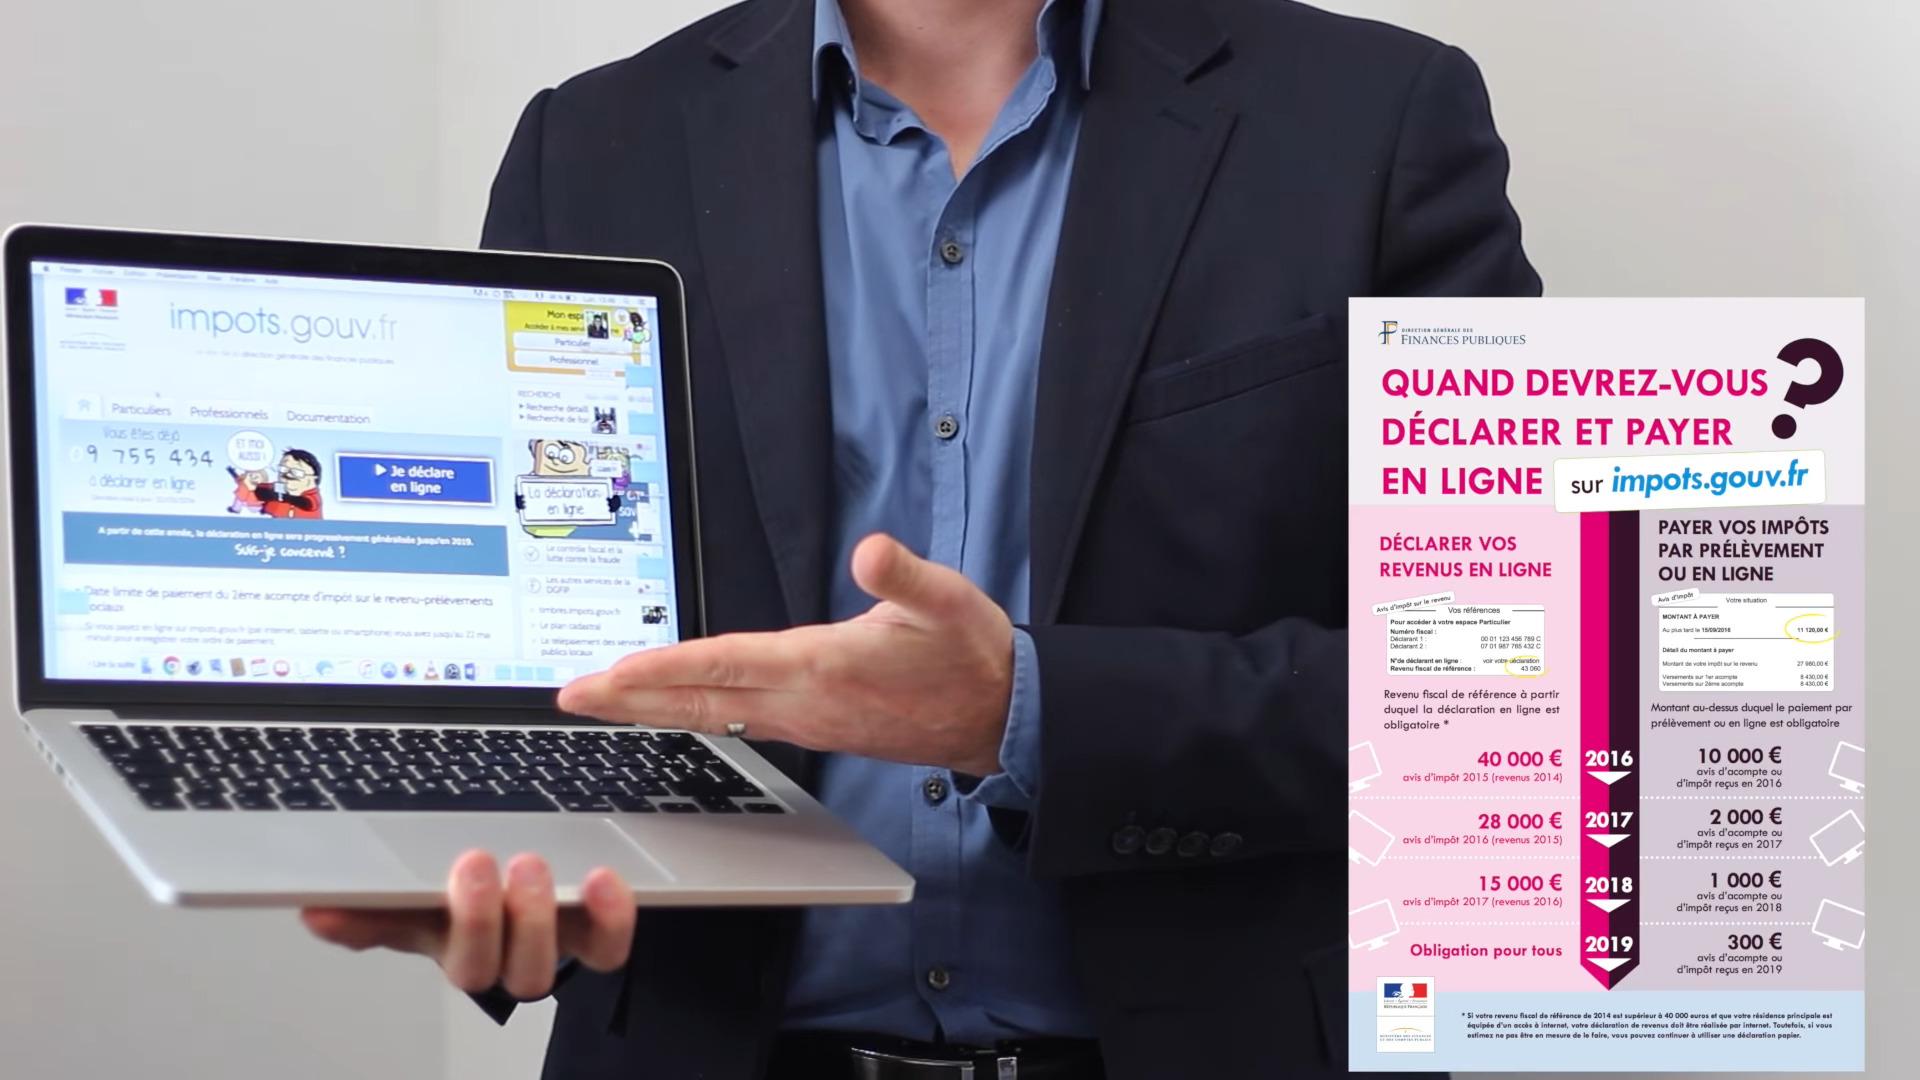 Impots La Declaration Des Revenus Par Internet Devient Obligatoire